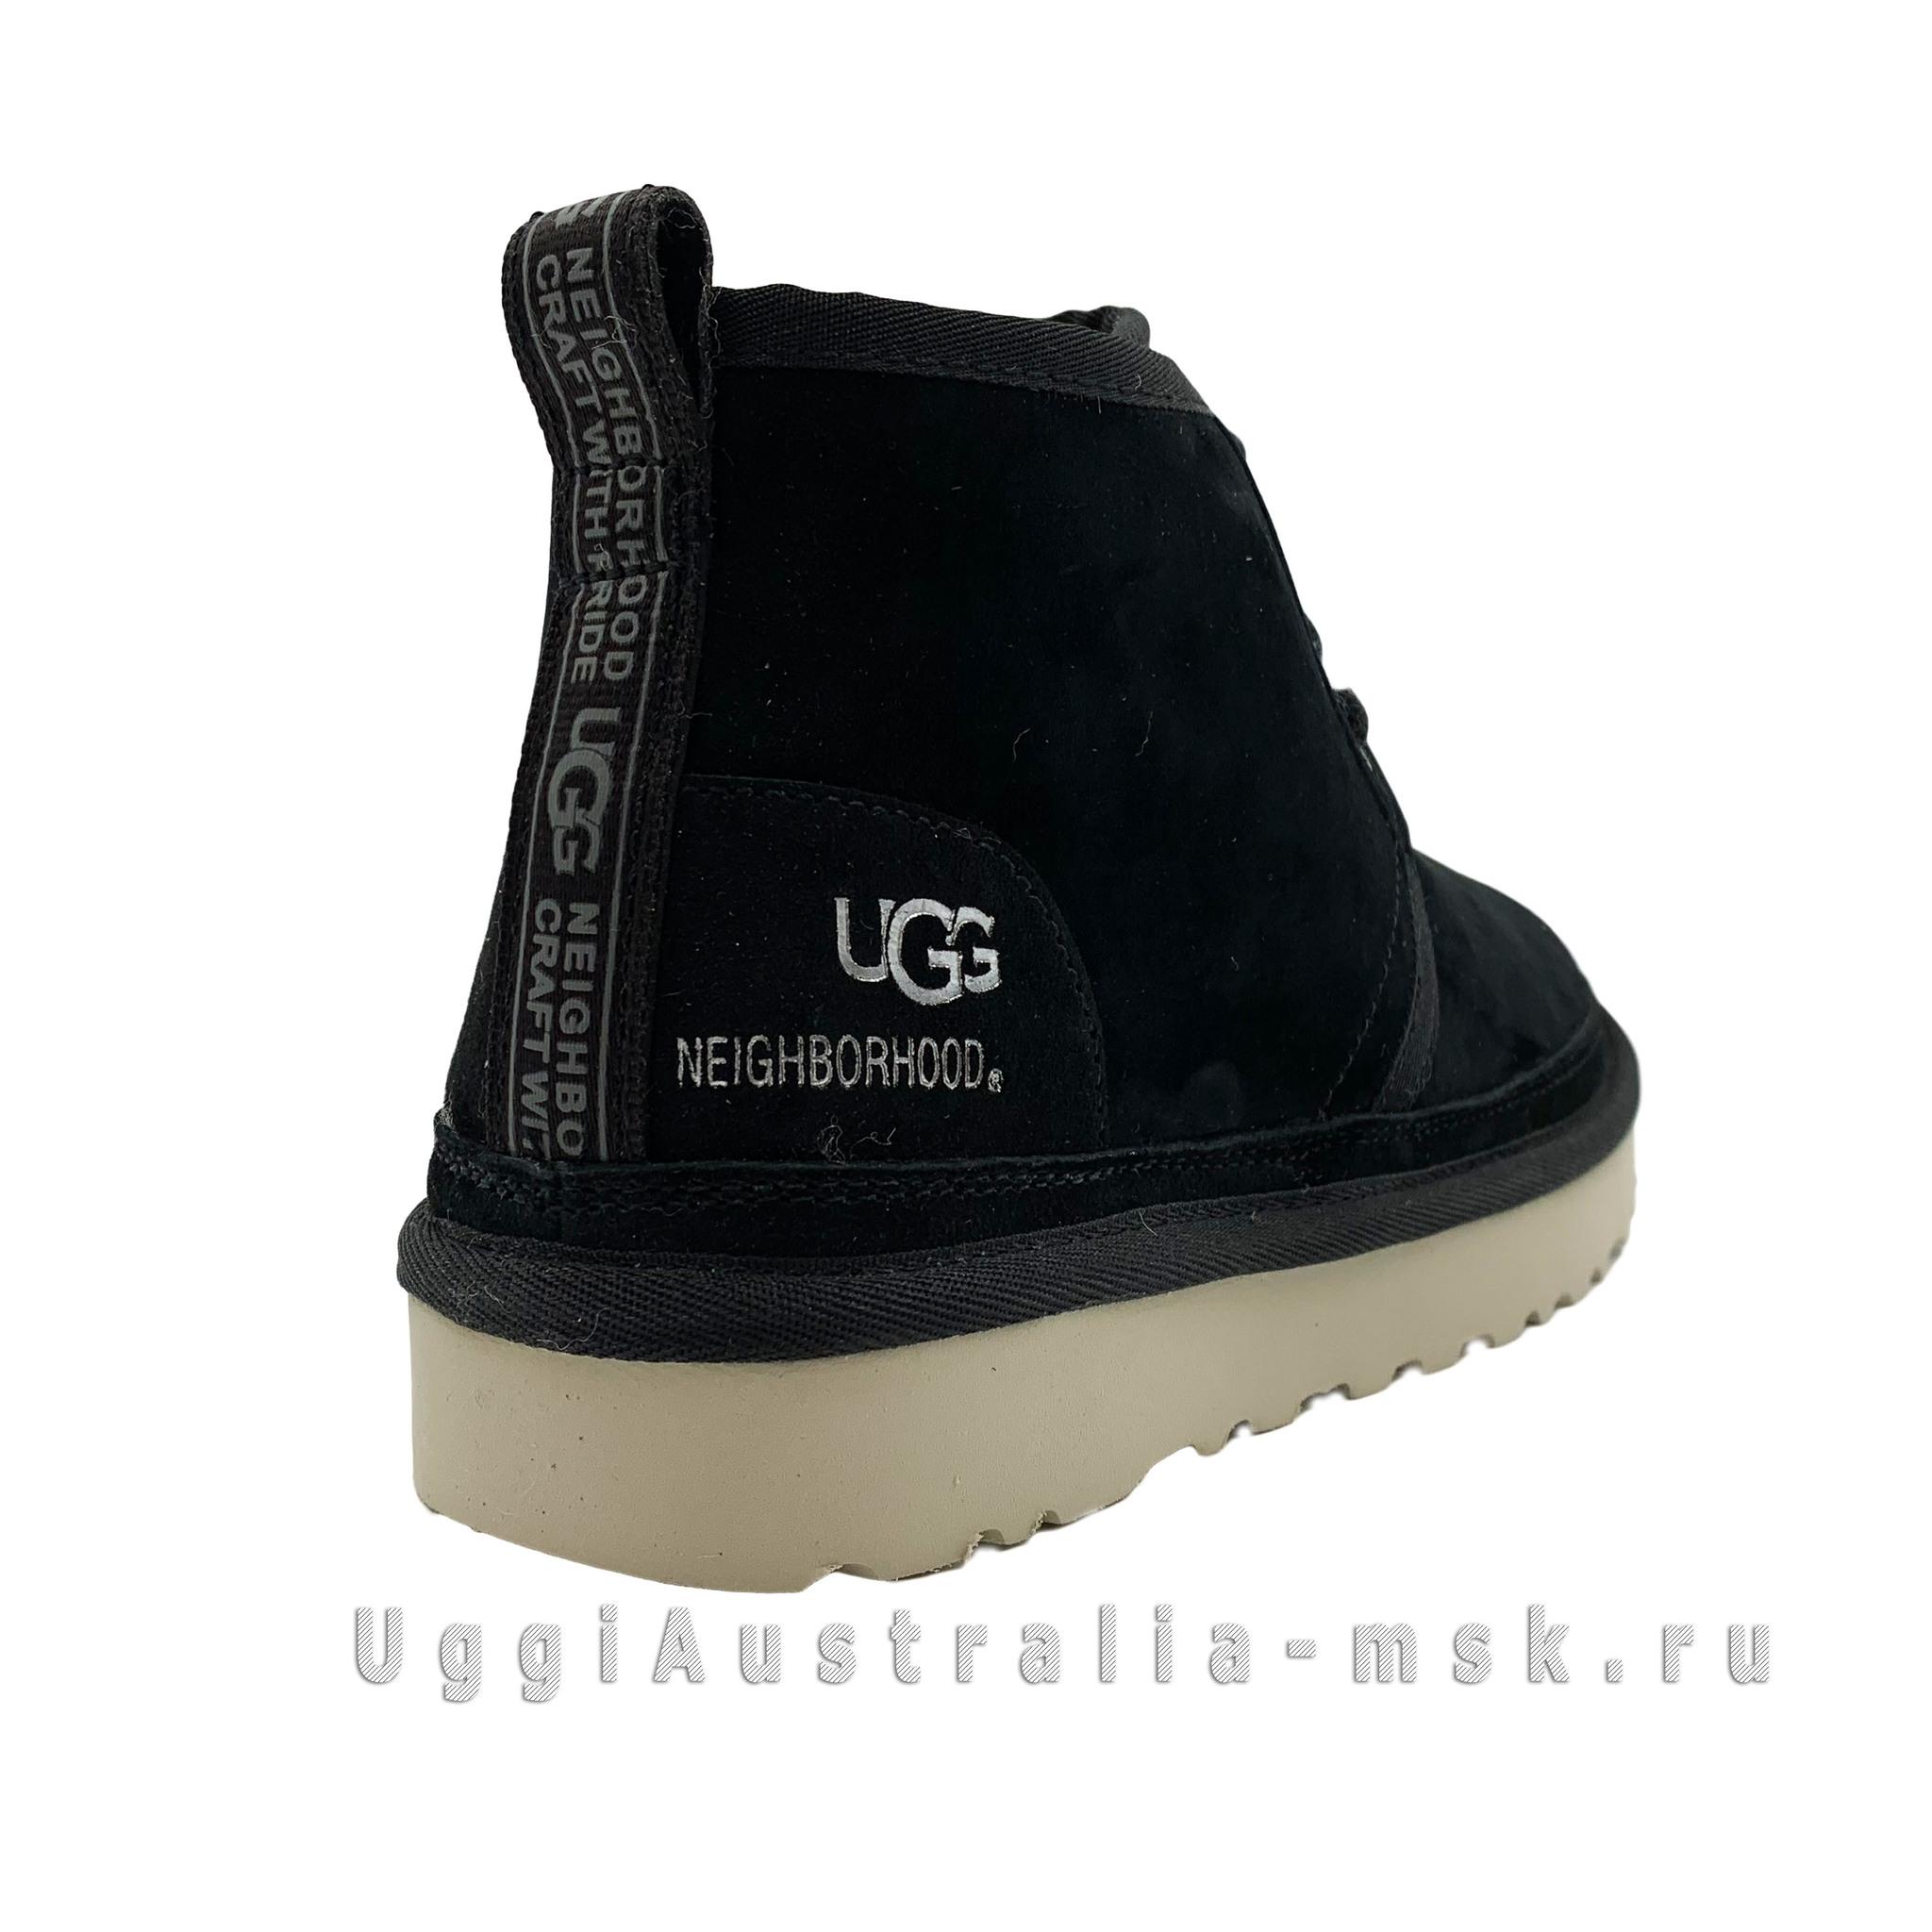 UGG X NEIGHBORHOOD NEUMEL BLACK